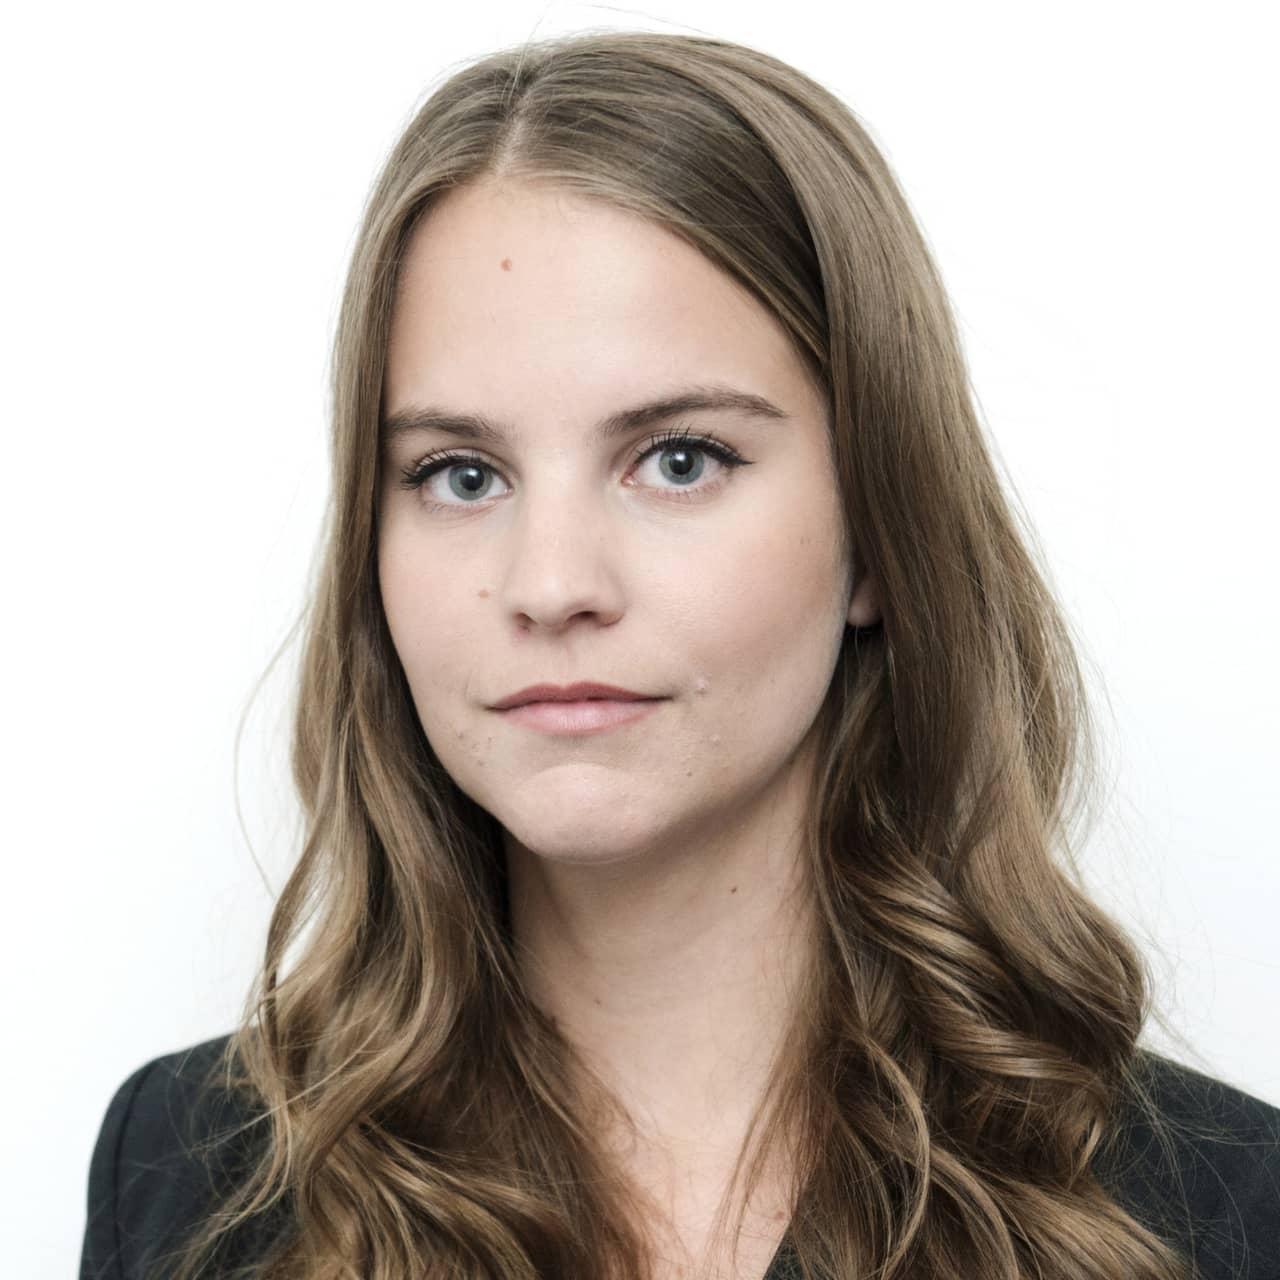 Evelina Nedlund